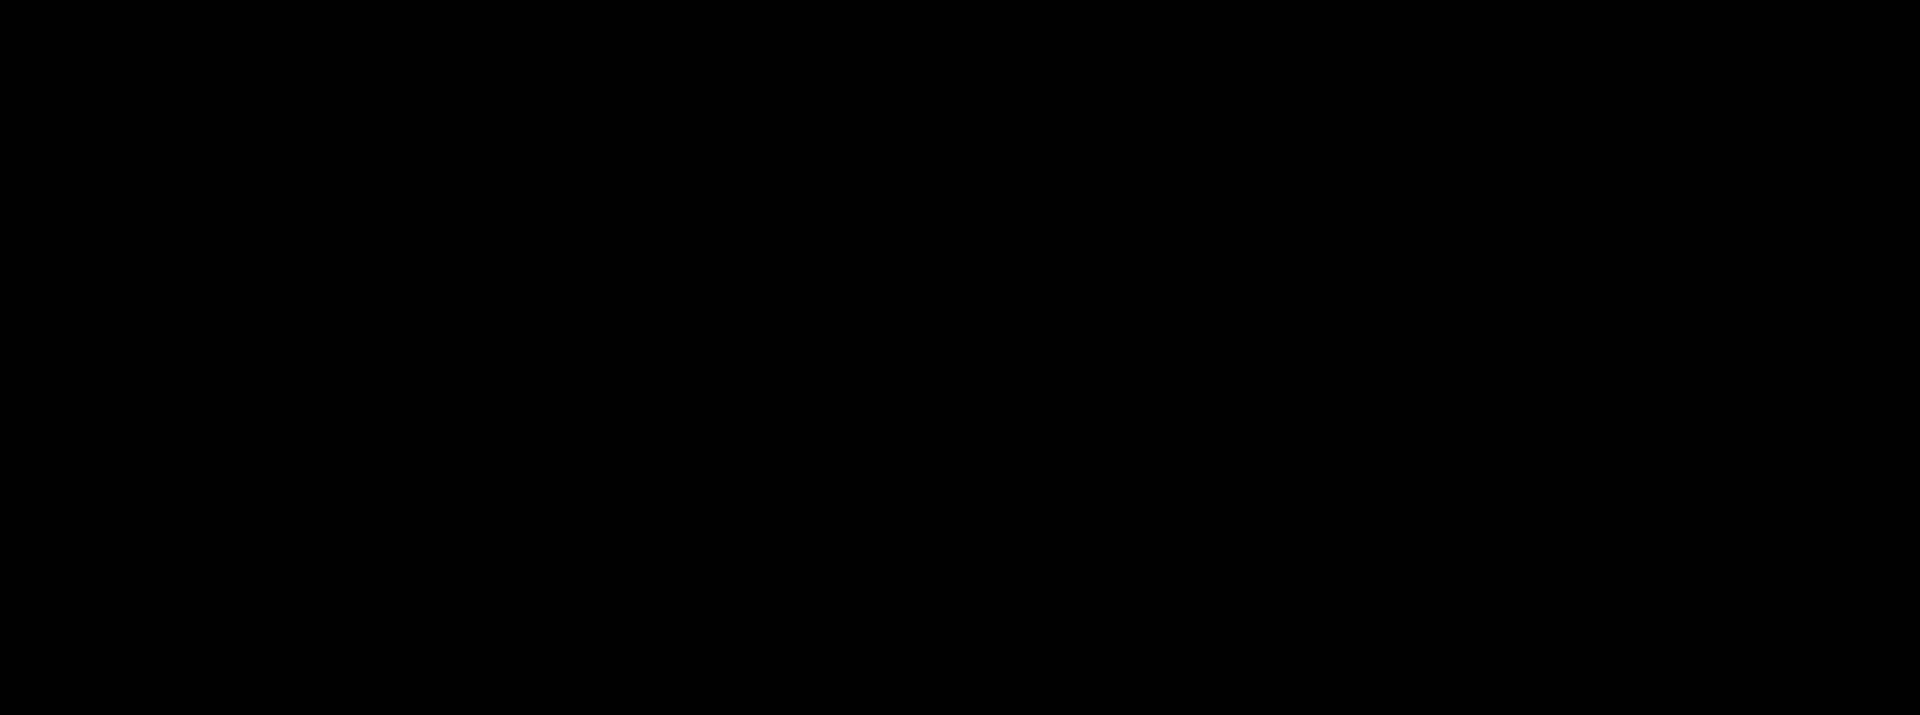 Screen Shot 2021-04-05 at 8.47.55 AM